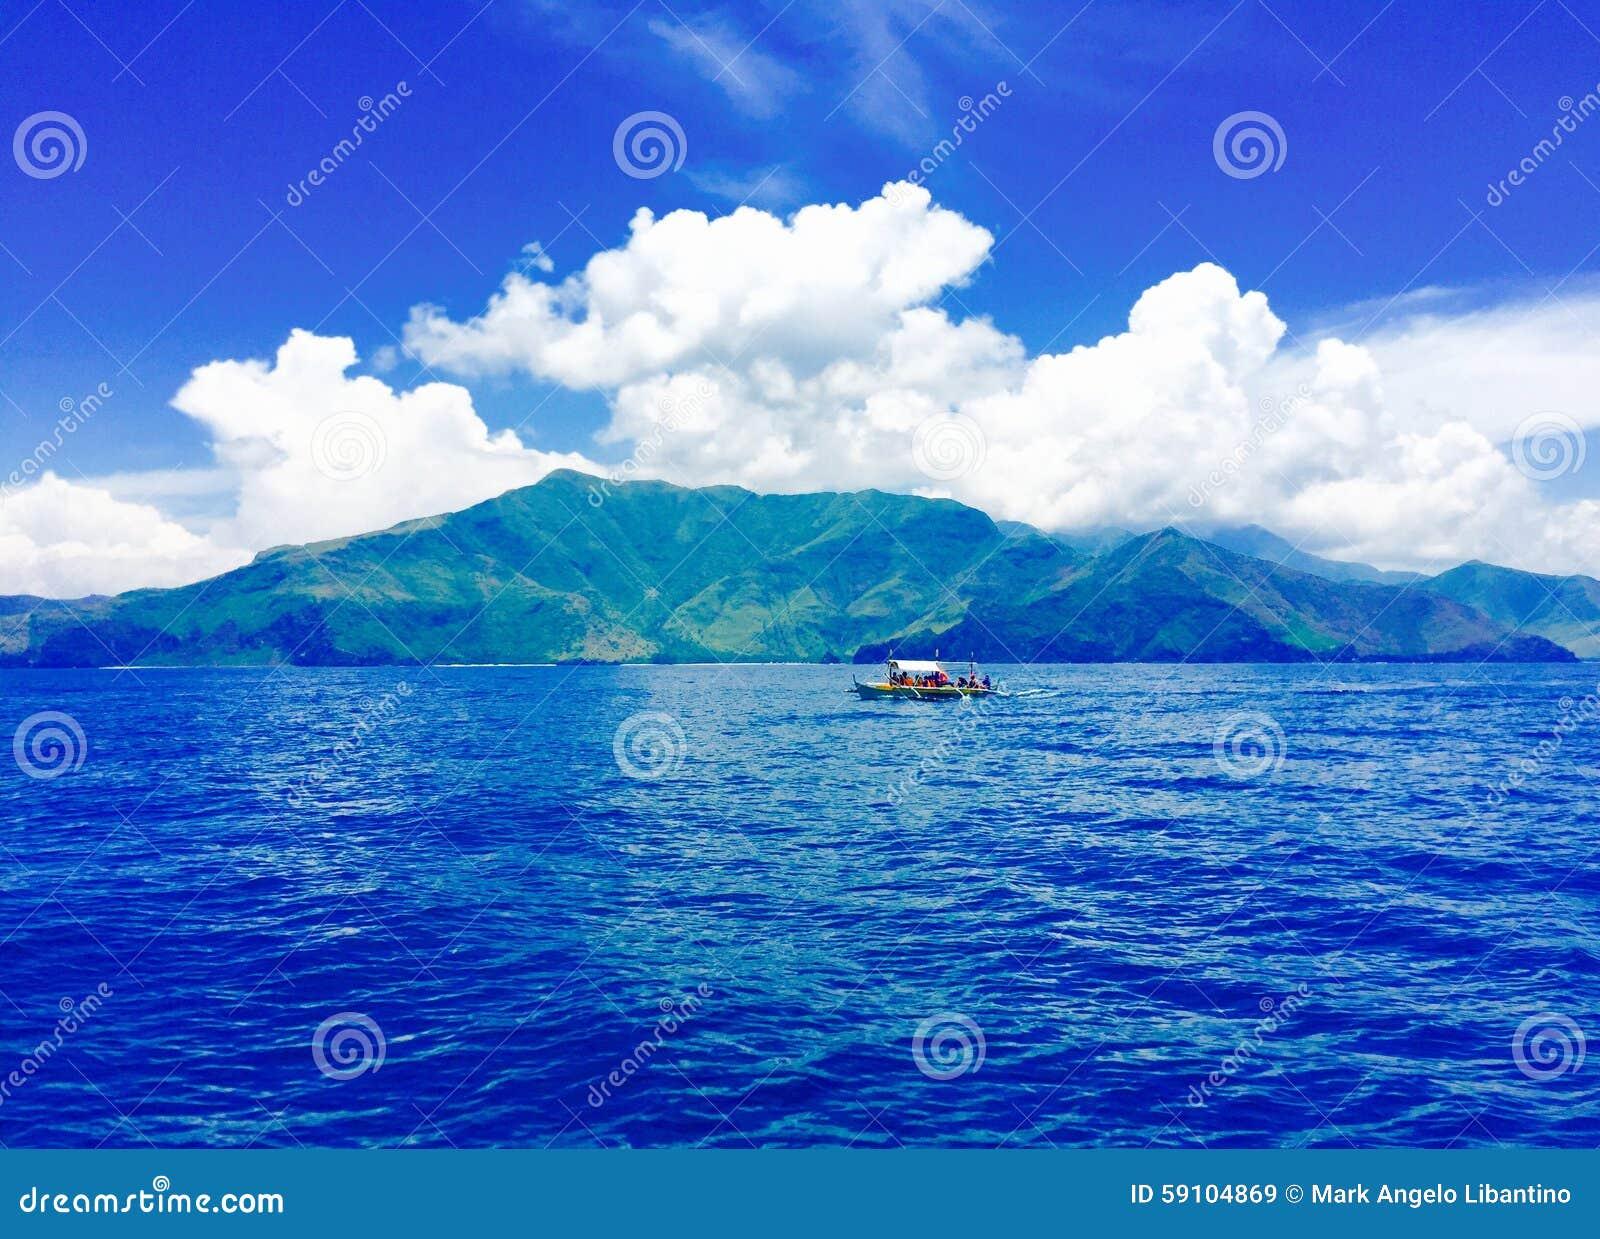 山和海洋2